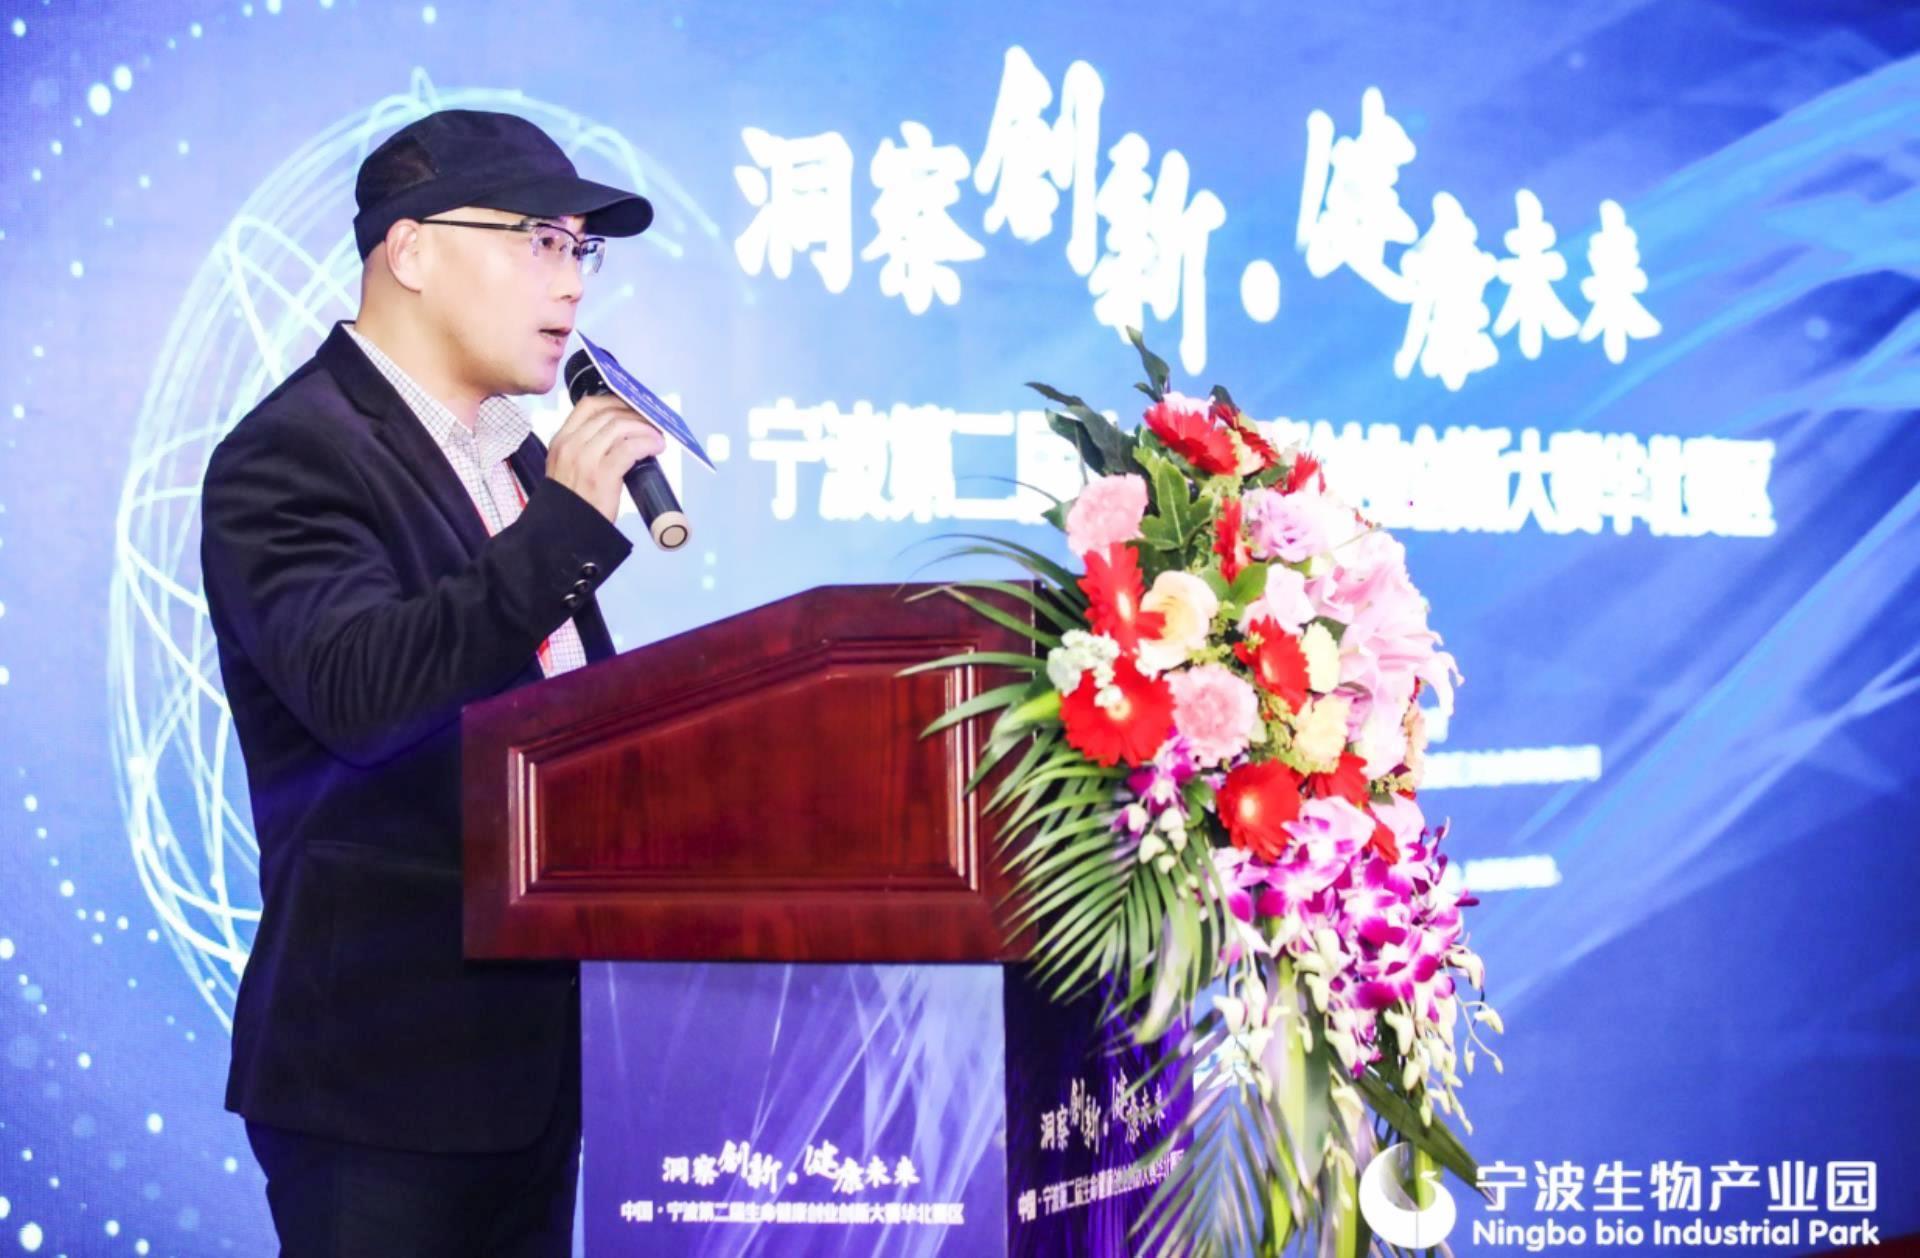 洞察创新,健康异日:宁波生物产业园引导健康新风向